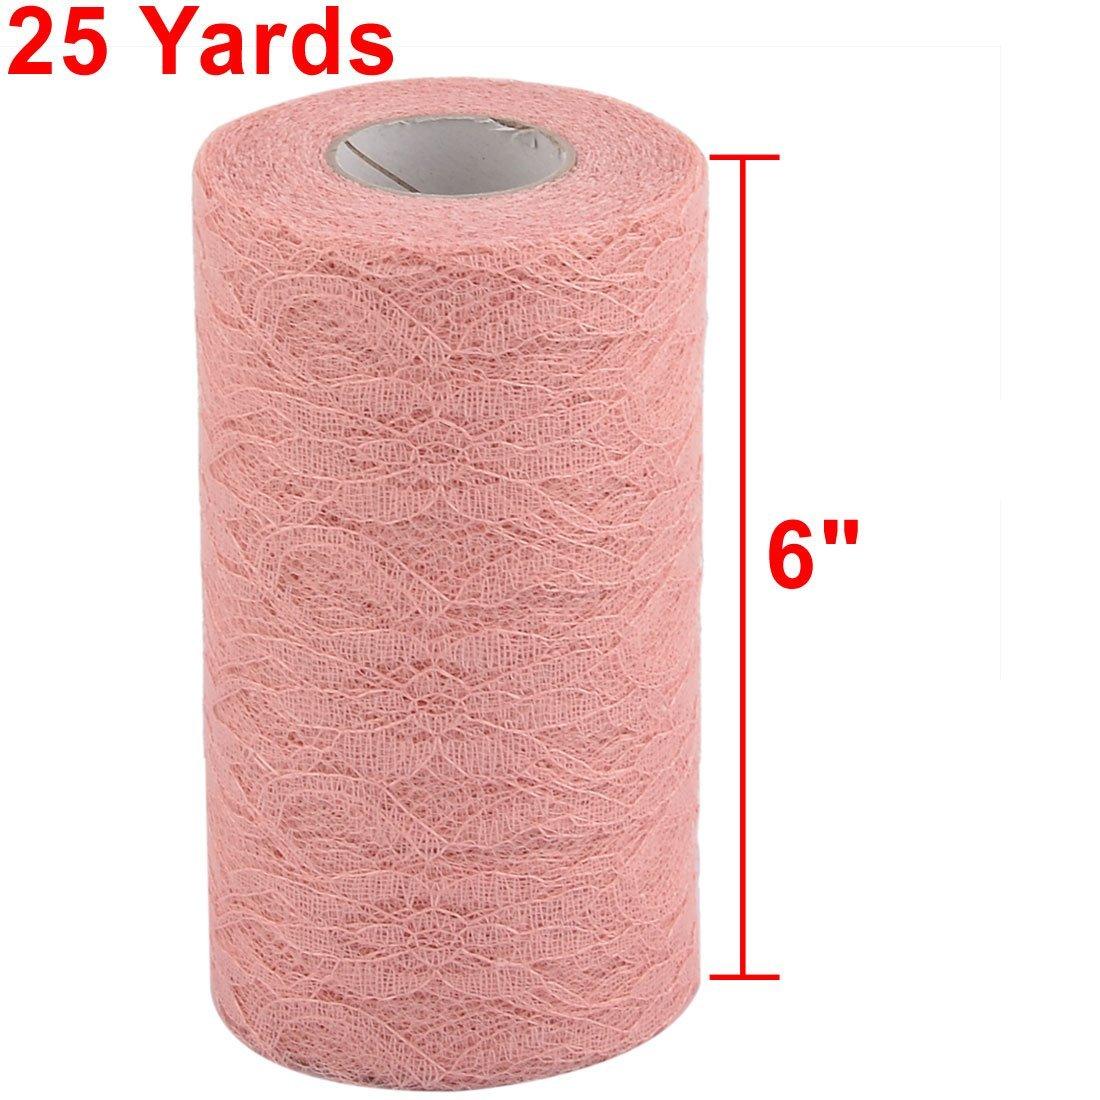 Amazon.com: Partido de Novia de Encaje eDealMax salón de banquetes de bricolaje decoración de tul carrete Rollo DE 6 pulgadas x 25 yardas Coral Pink: Health ...